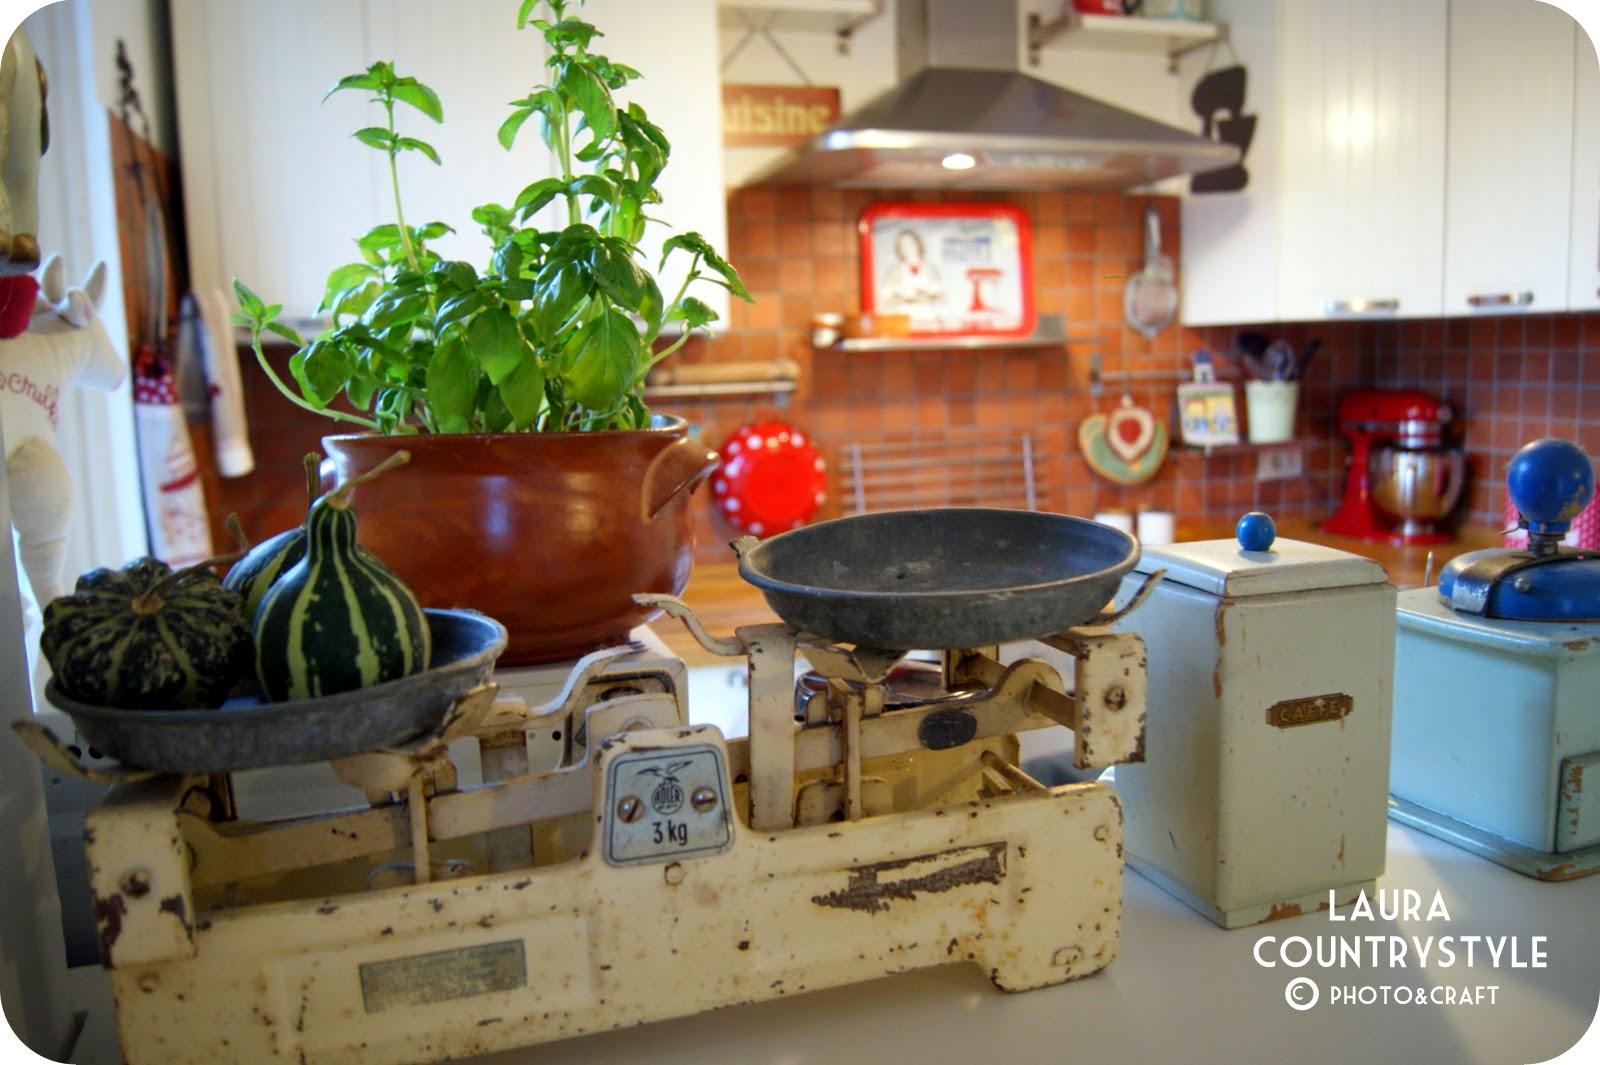 Piano Cottura Sopra Interesting Pag With Piano Cottura